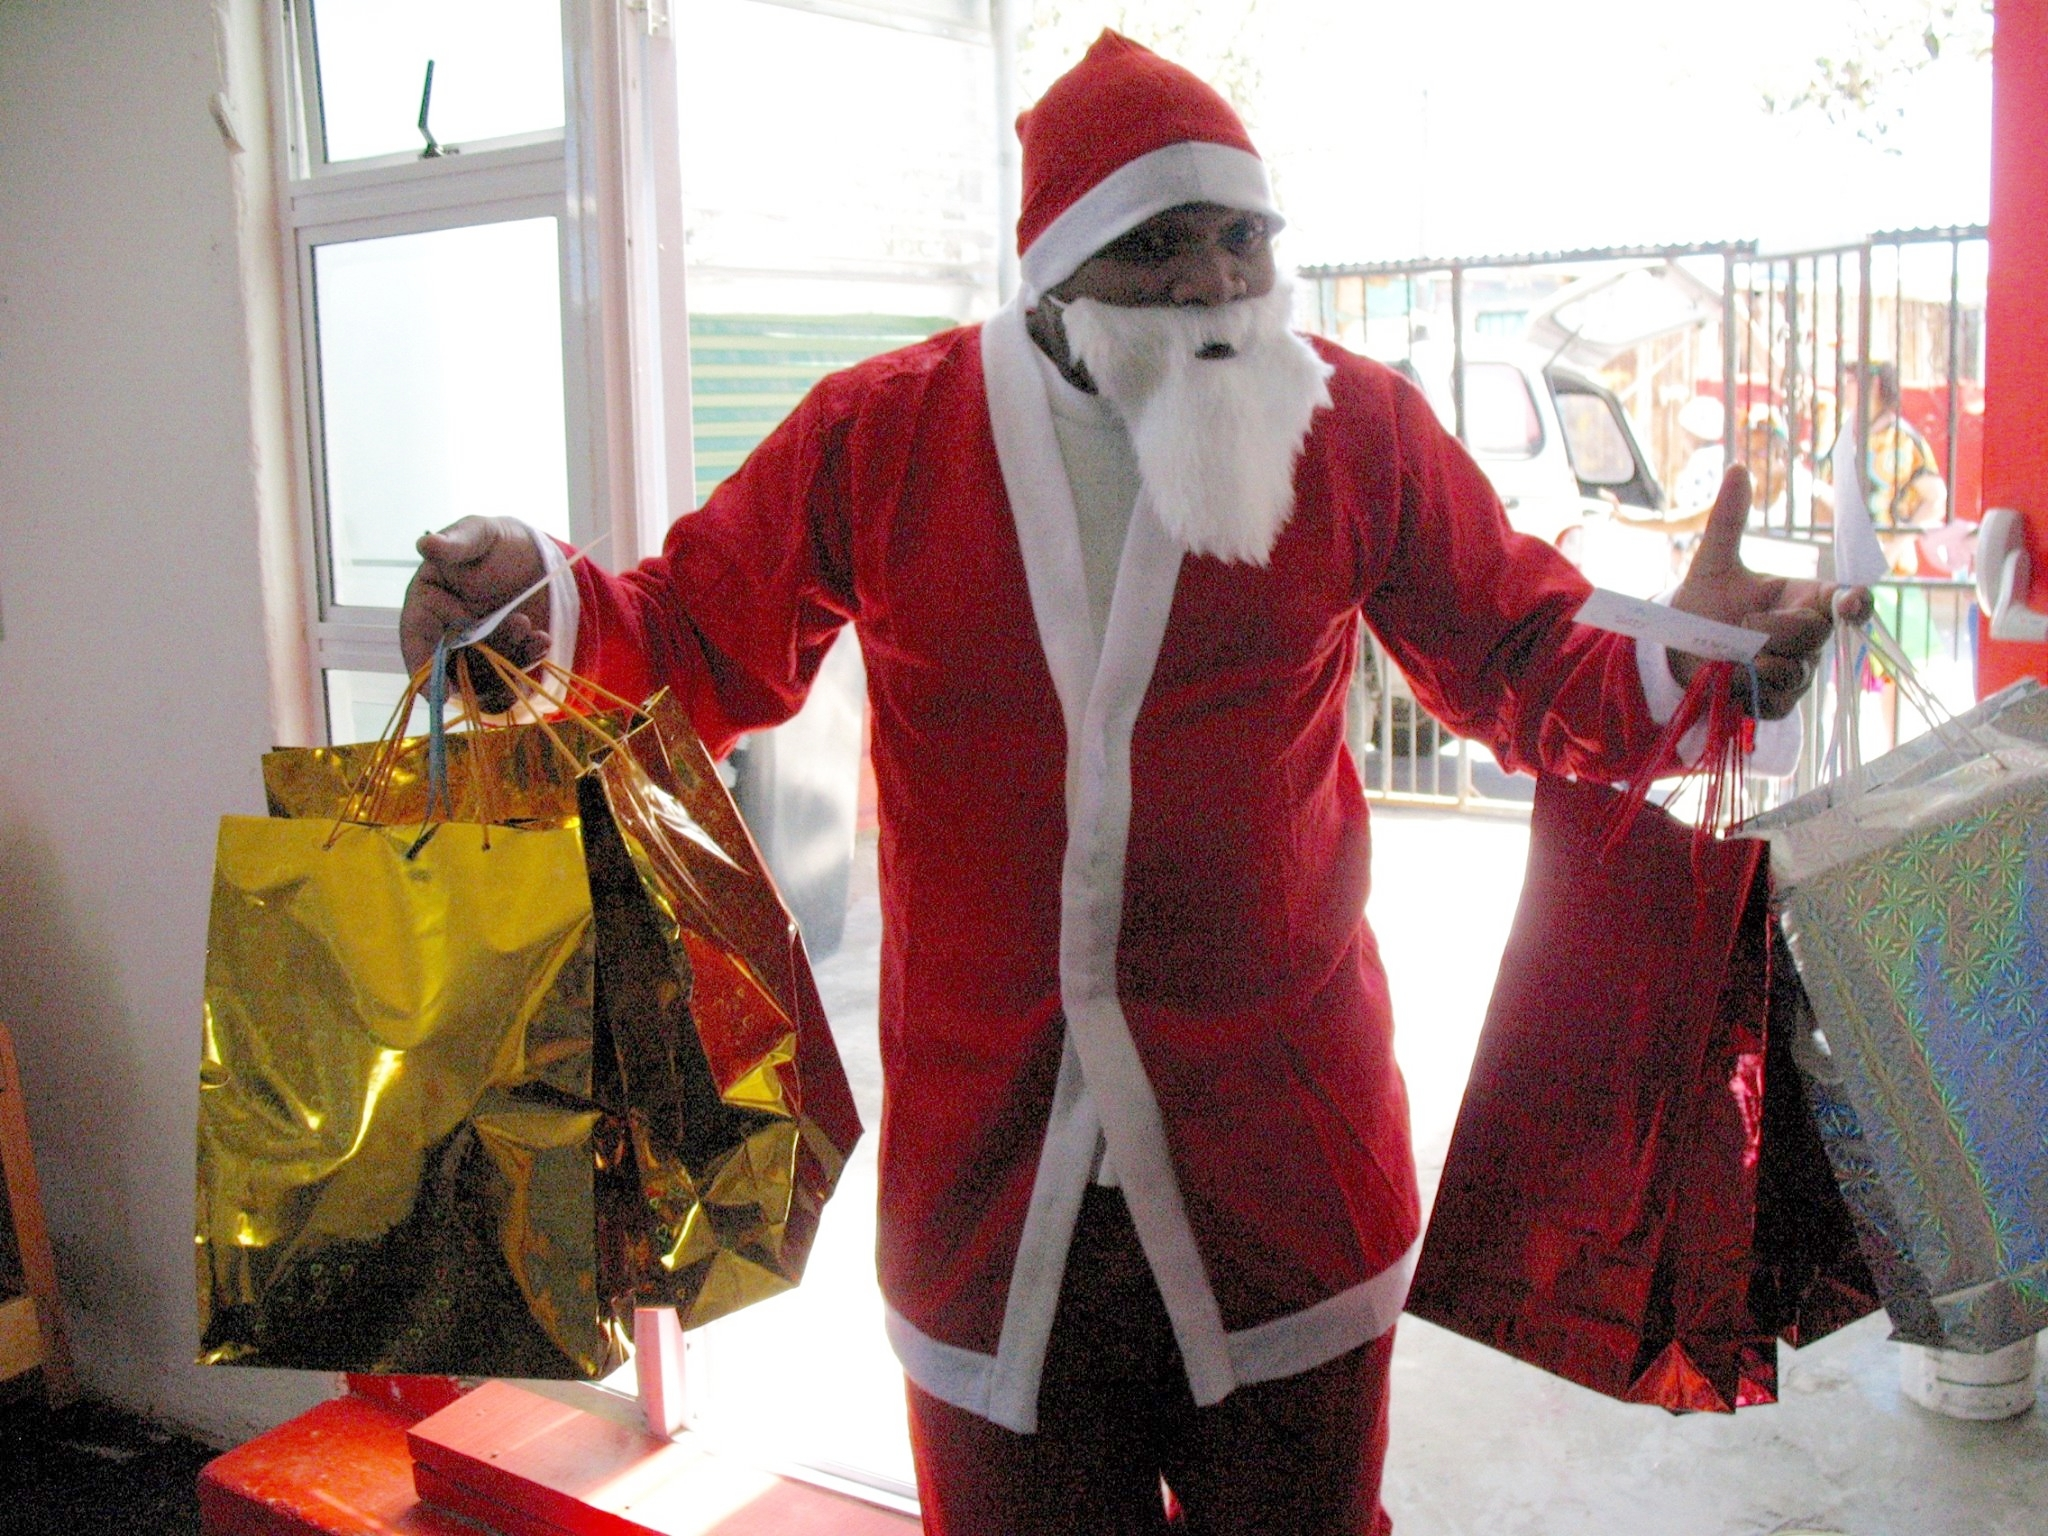 ARH Christmas Elves 2.jpg